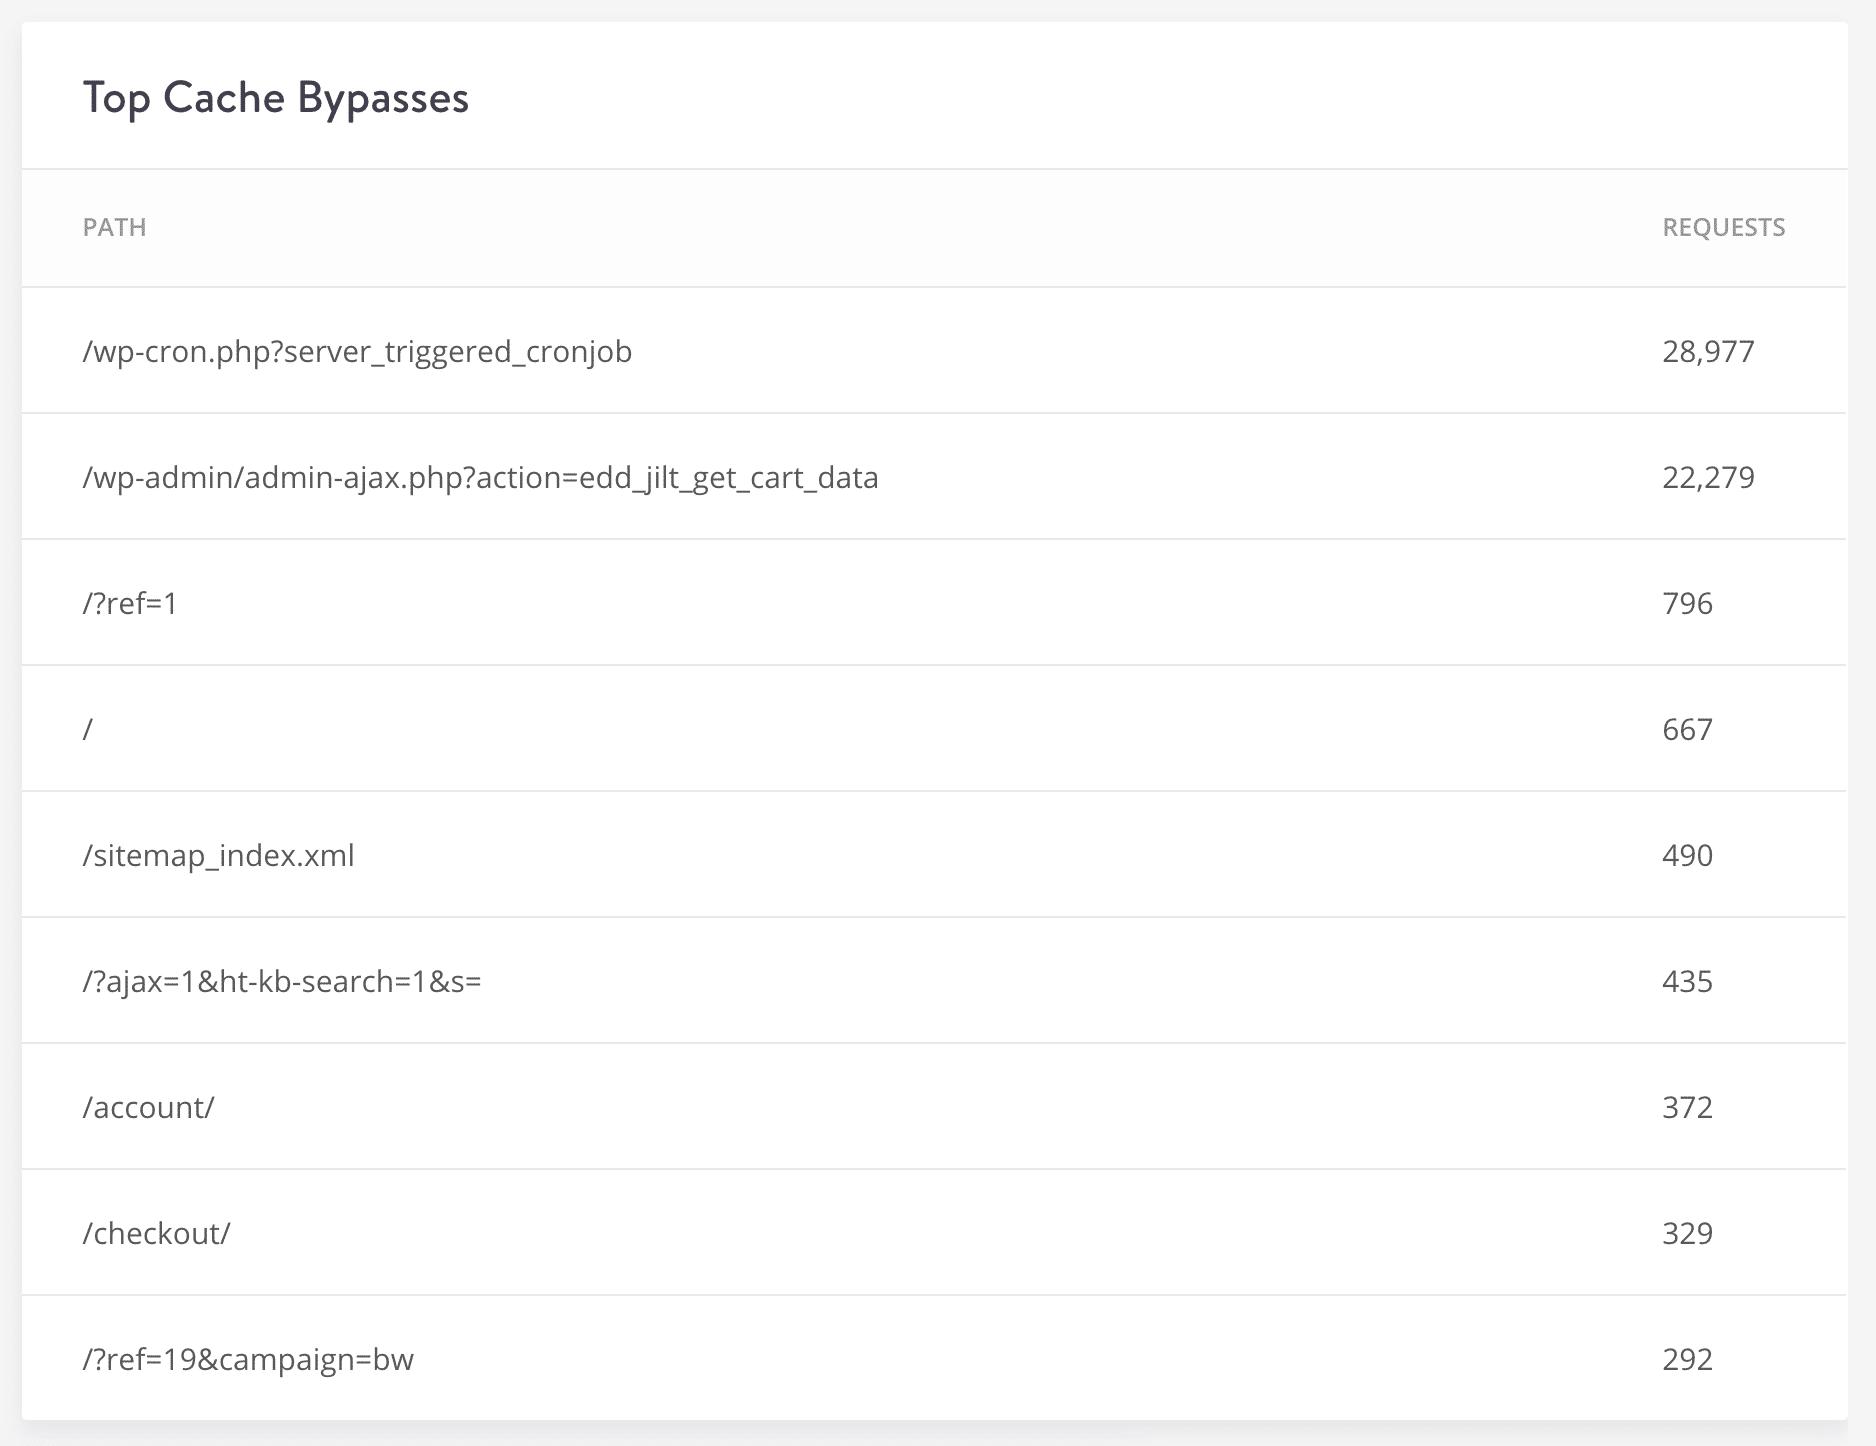 Les contournements de cache supérieurs de WordPress